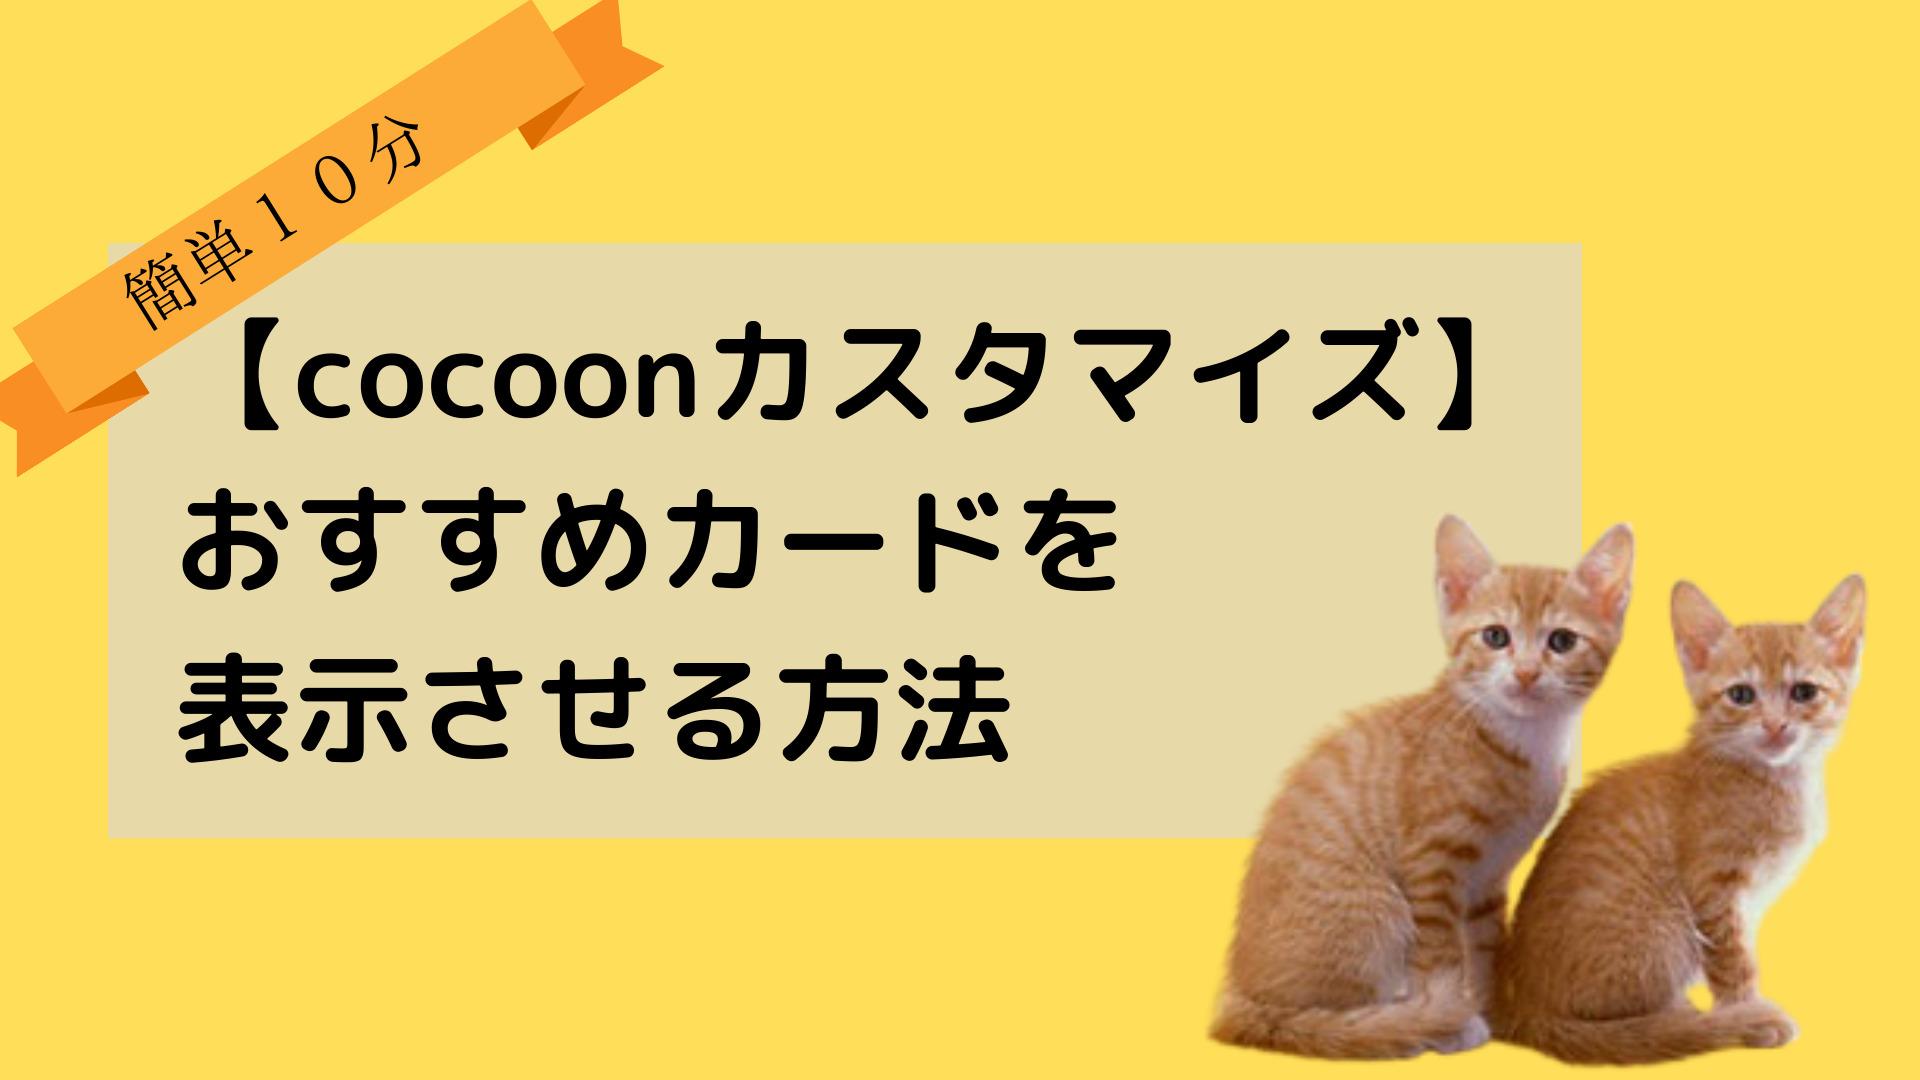 【cocoonカスタマイズ】 おすすめカードを表示させる方法(有料テーマのような外観)